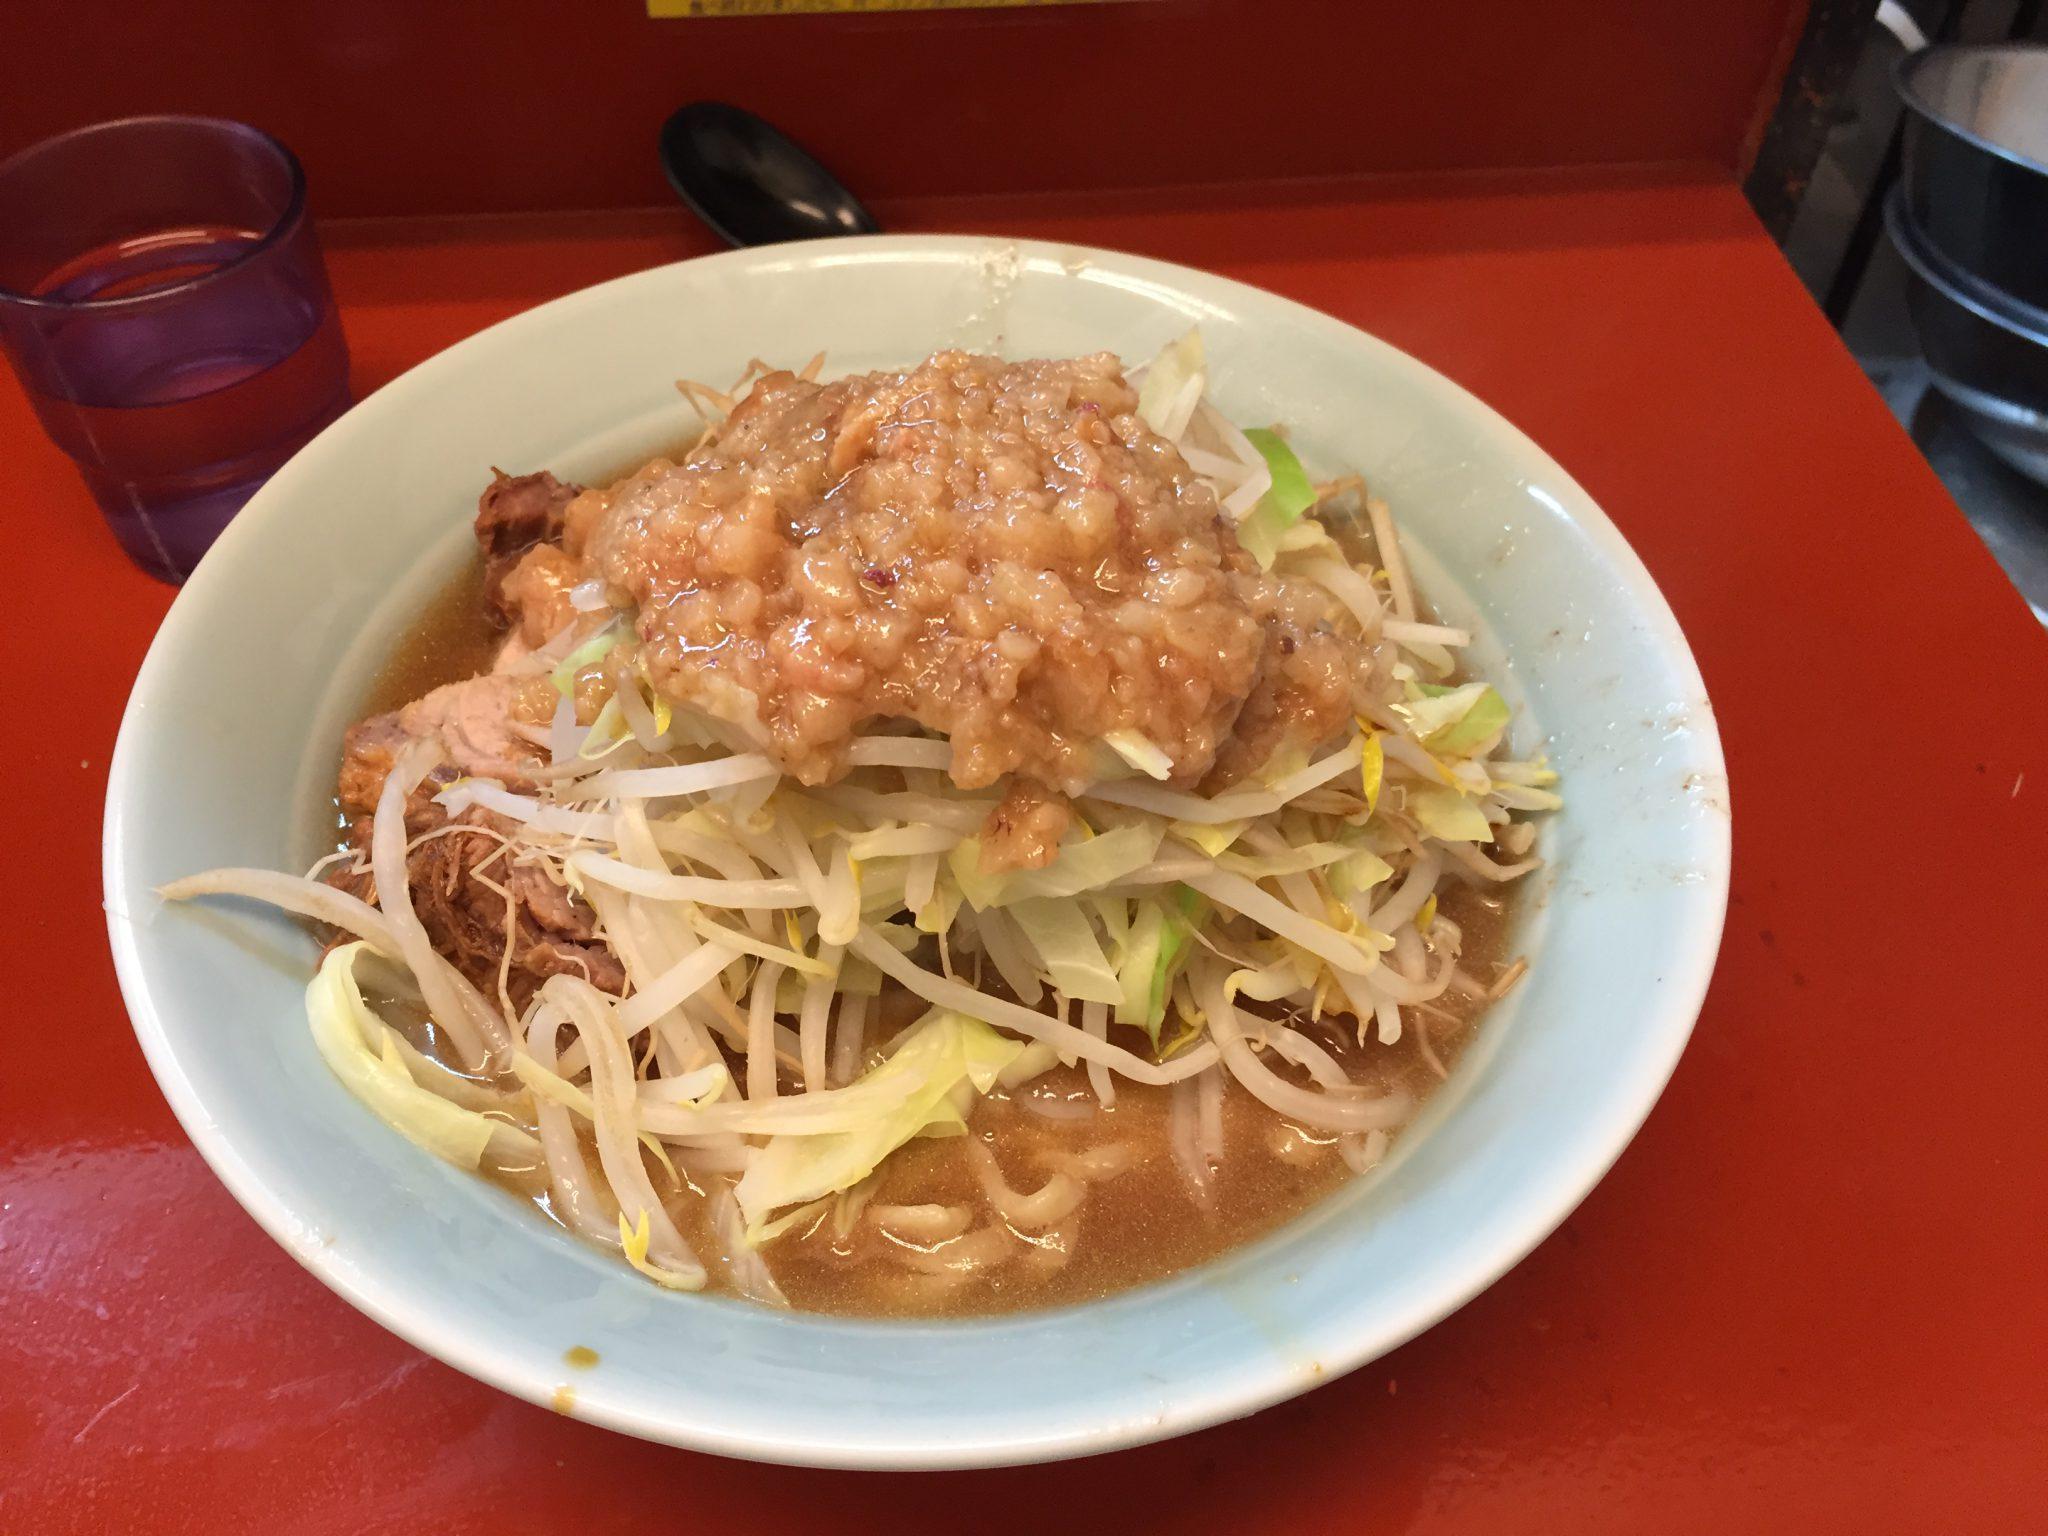 立川マシマシ 5号店|神保町で二郎インスパイアランチ~二郎系を食べたいなら代替案が複数ある神保町へ